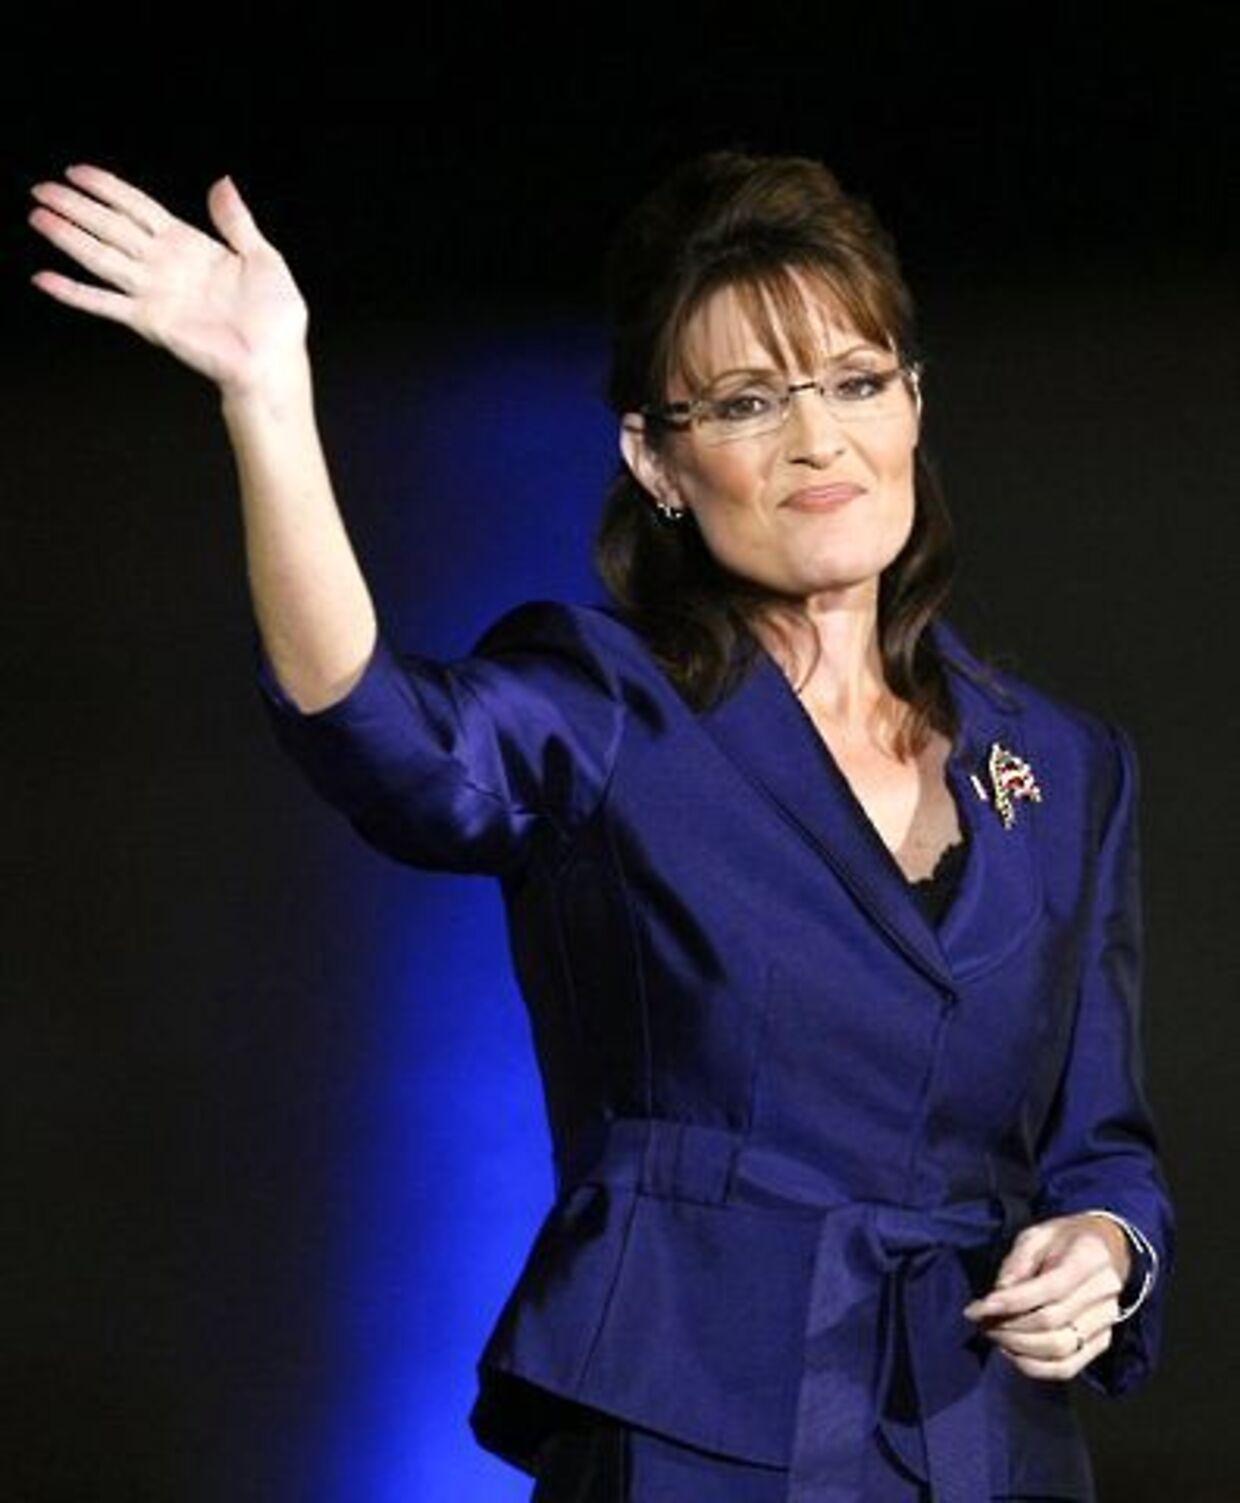 Sarah Palin lægger sin politiske karriere i Guds hænder. Hvis Gud vil have hende i senatet, så gør hun det.